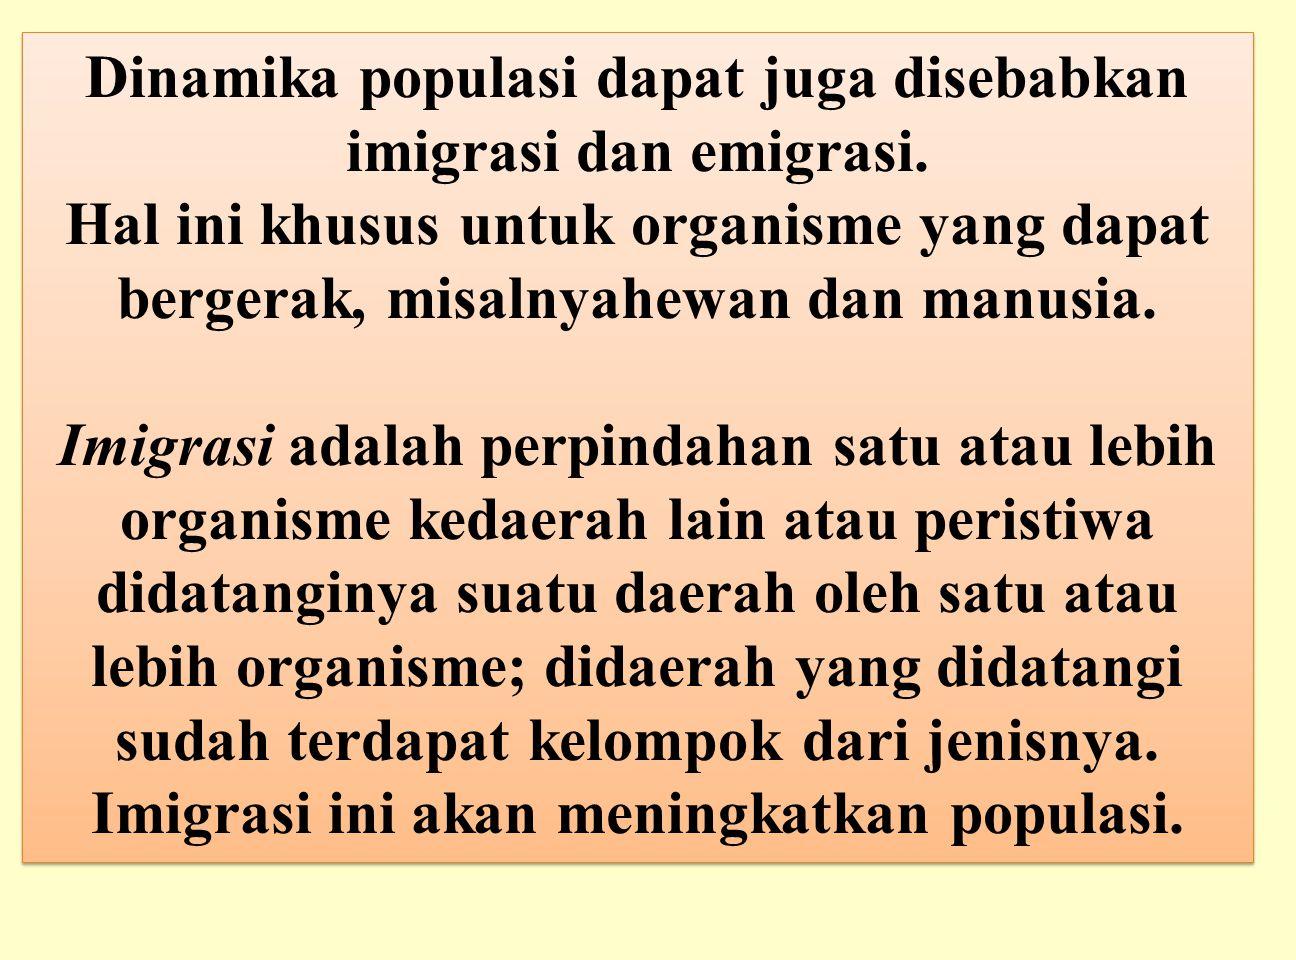 Dinamika populasi dapat juga disebabkan imigrasi dan emigrasi.